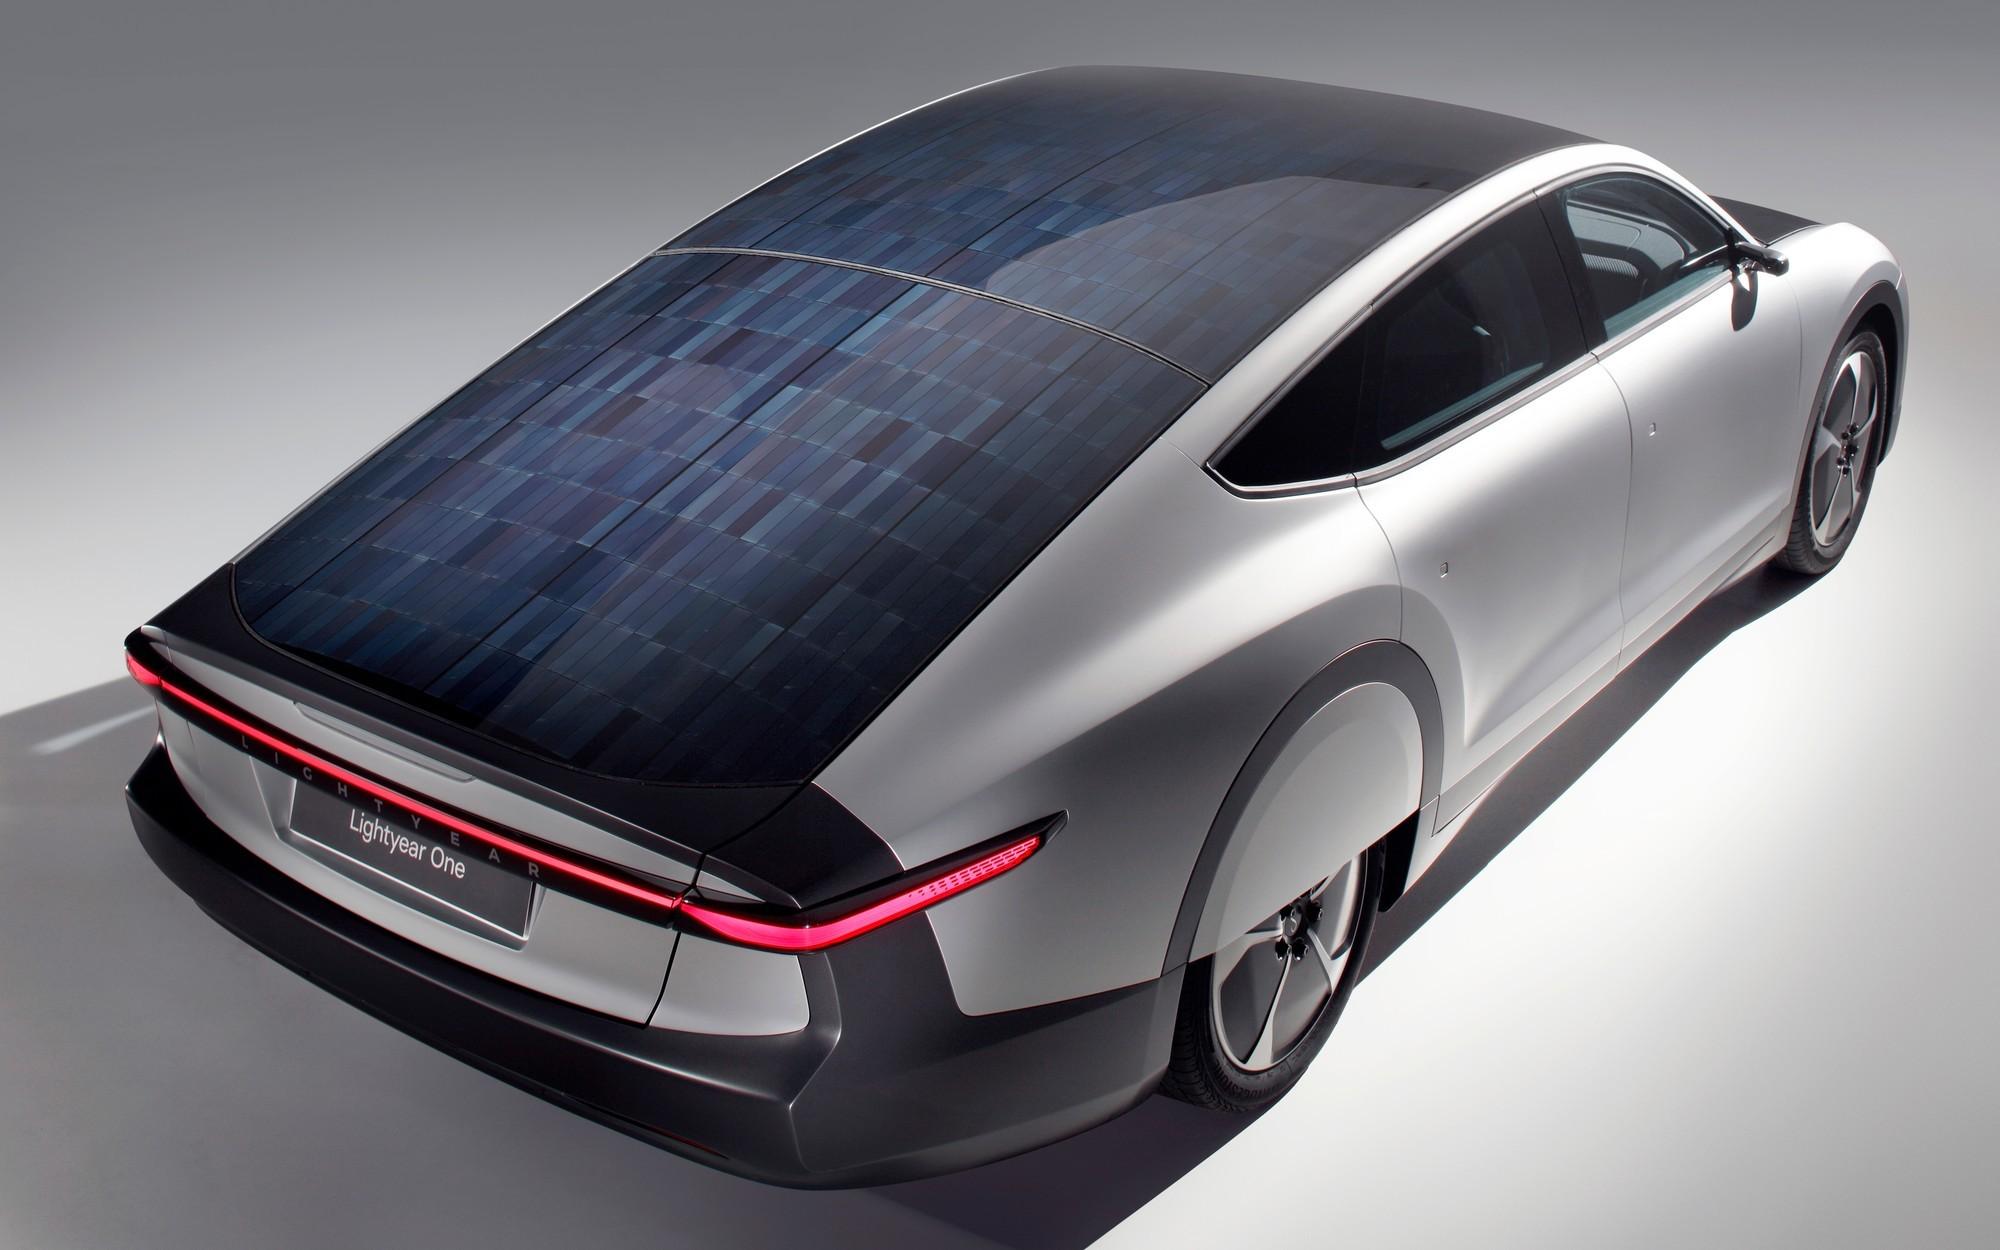 Солнцемобиль Lightyear One задерживается, цена выросла, сборку перенесли на Valmet